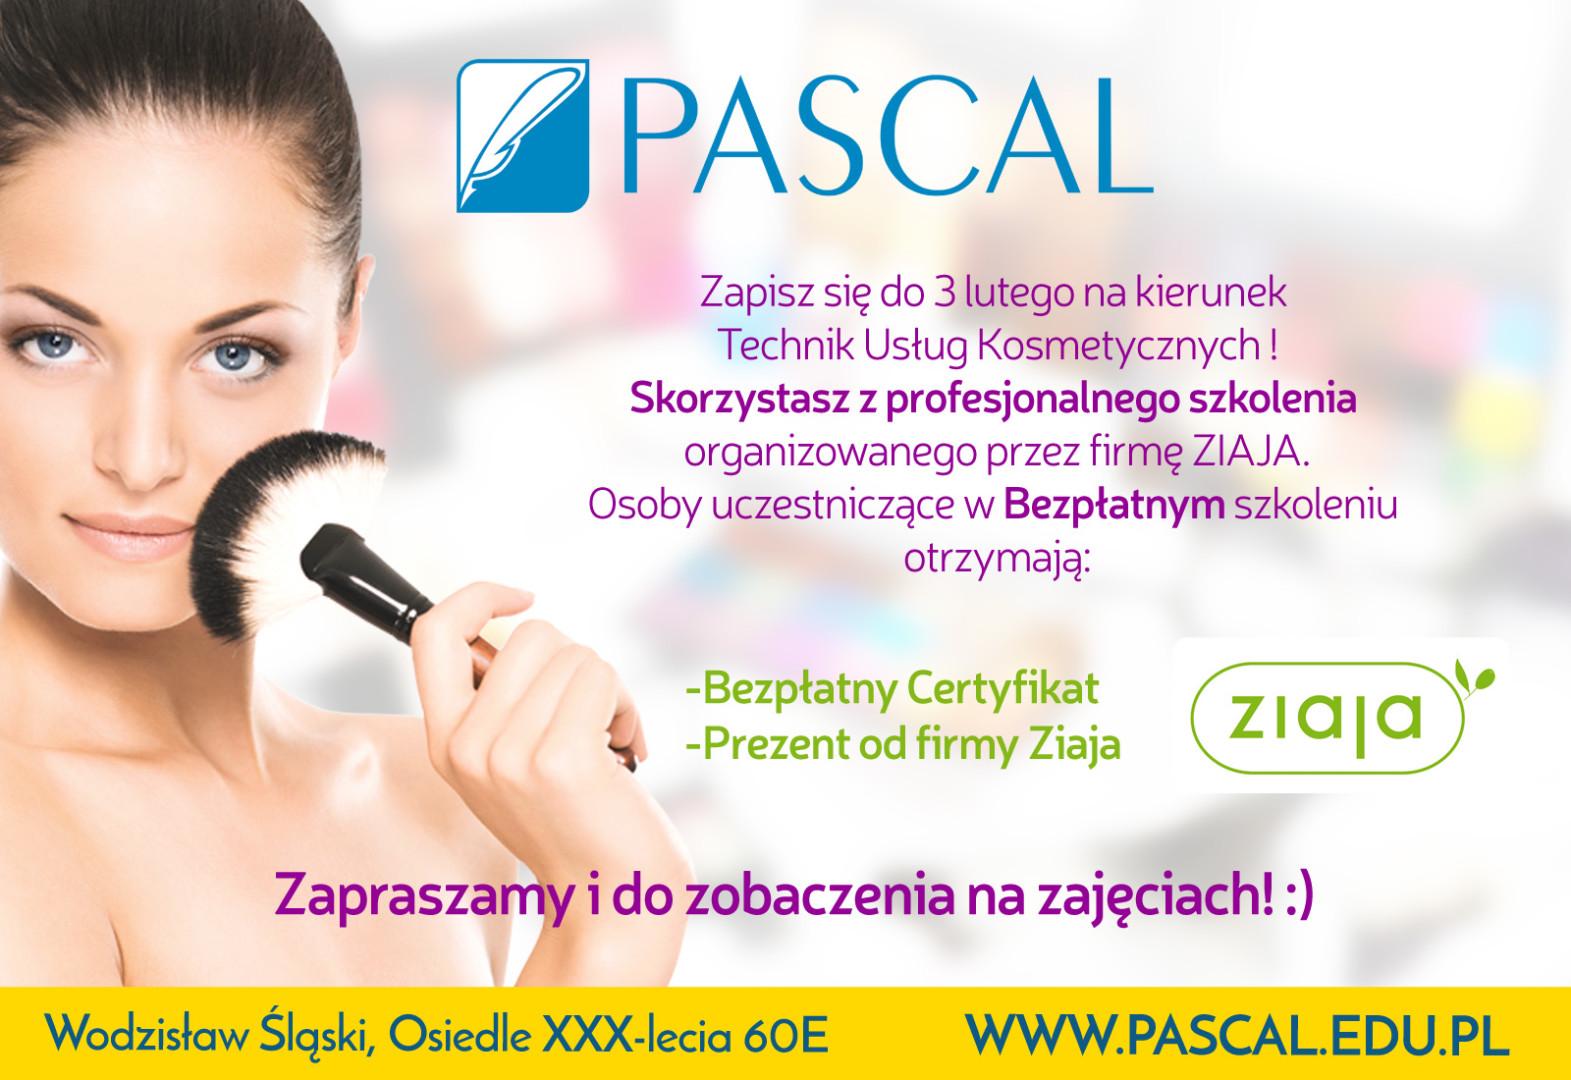 Wodzislaw 0117 Ziaja (1600sz x 1100 px)